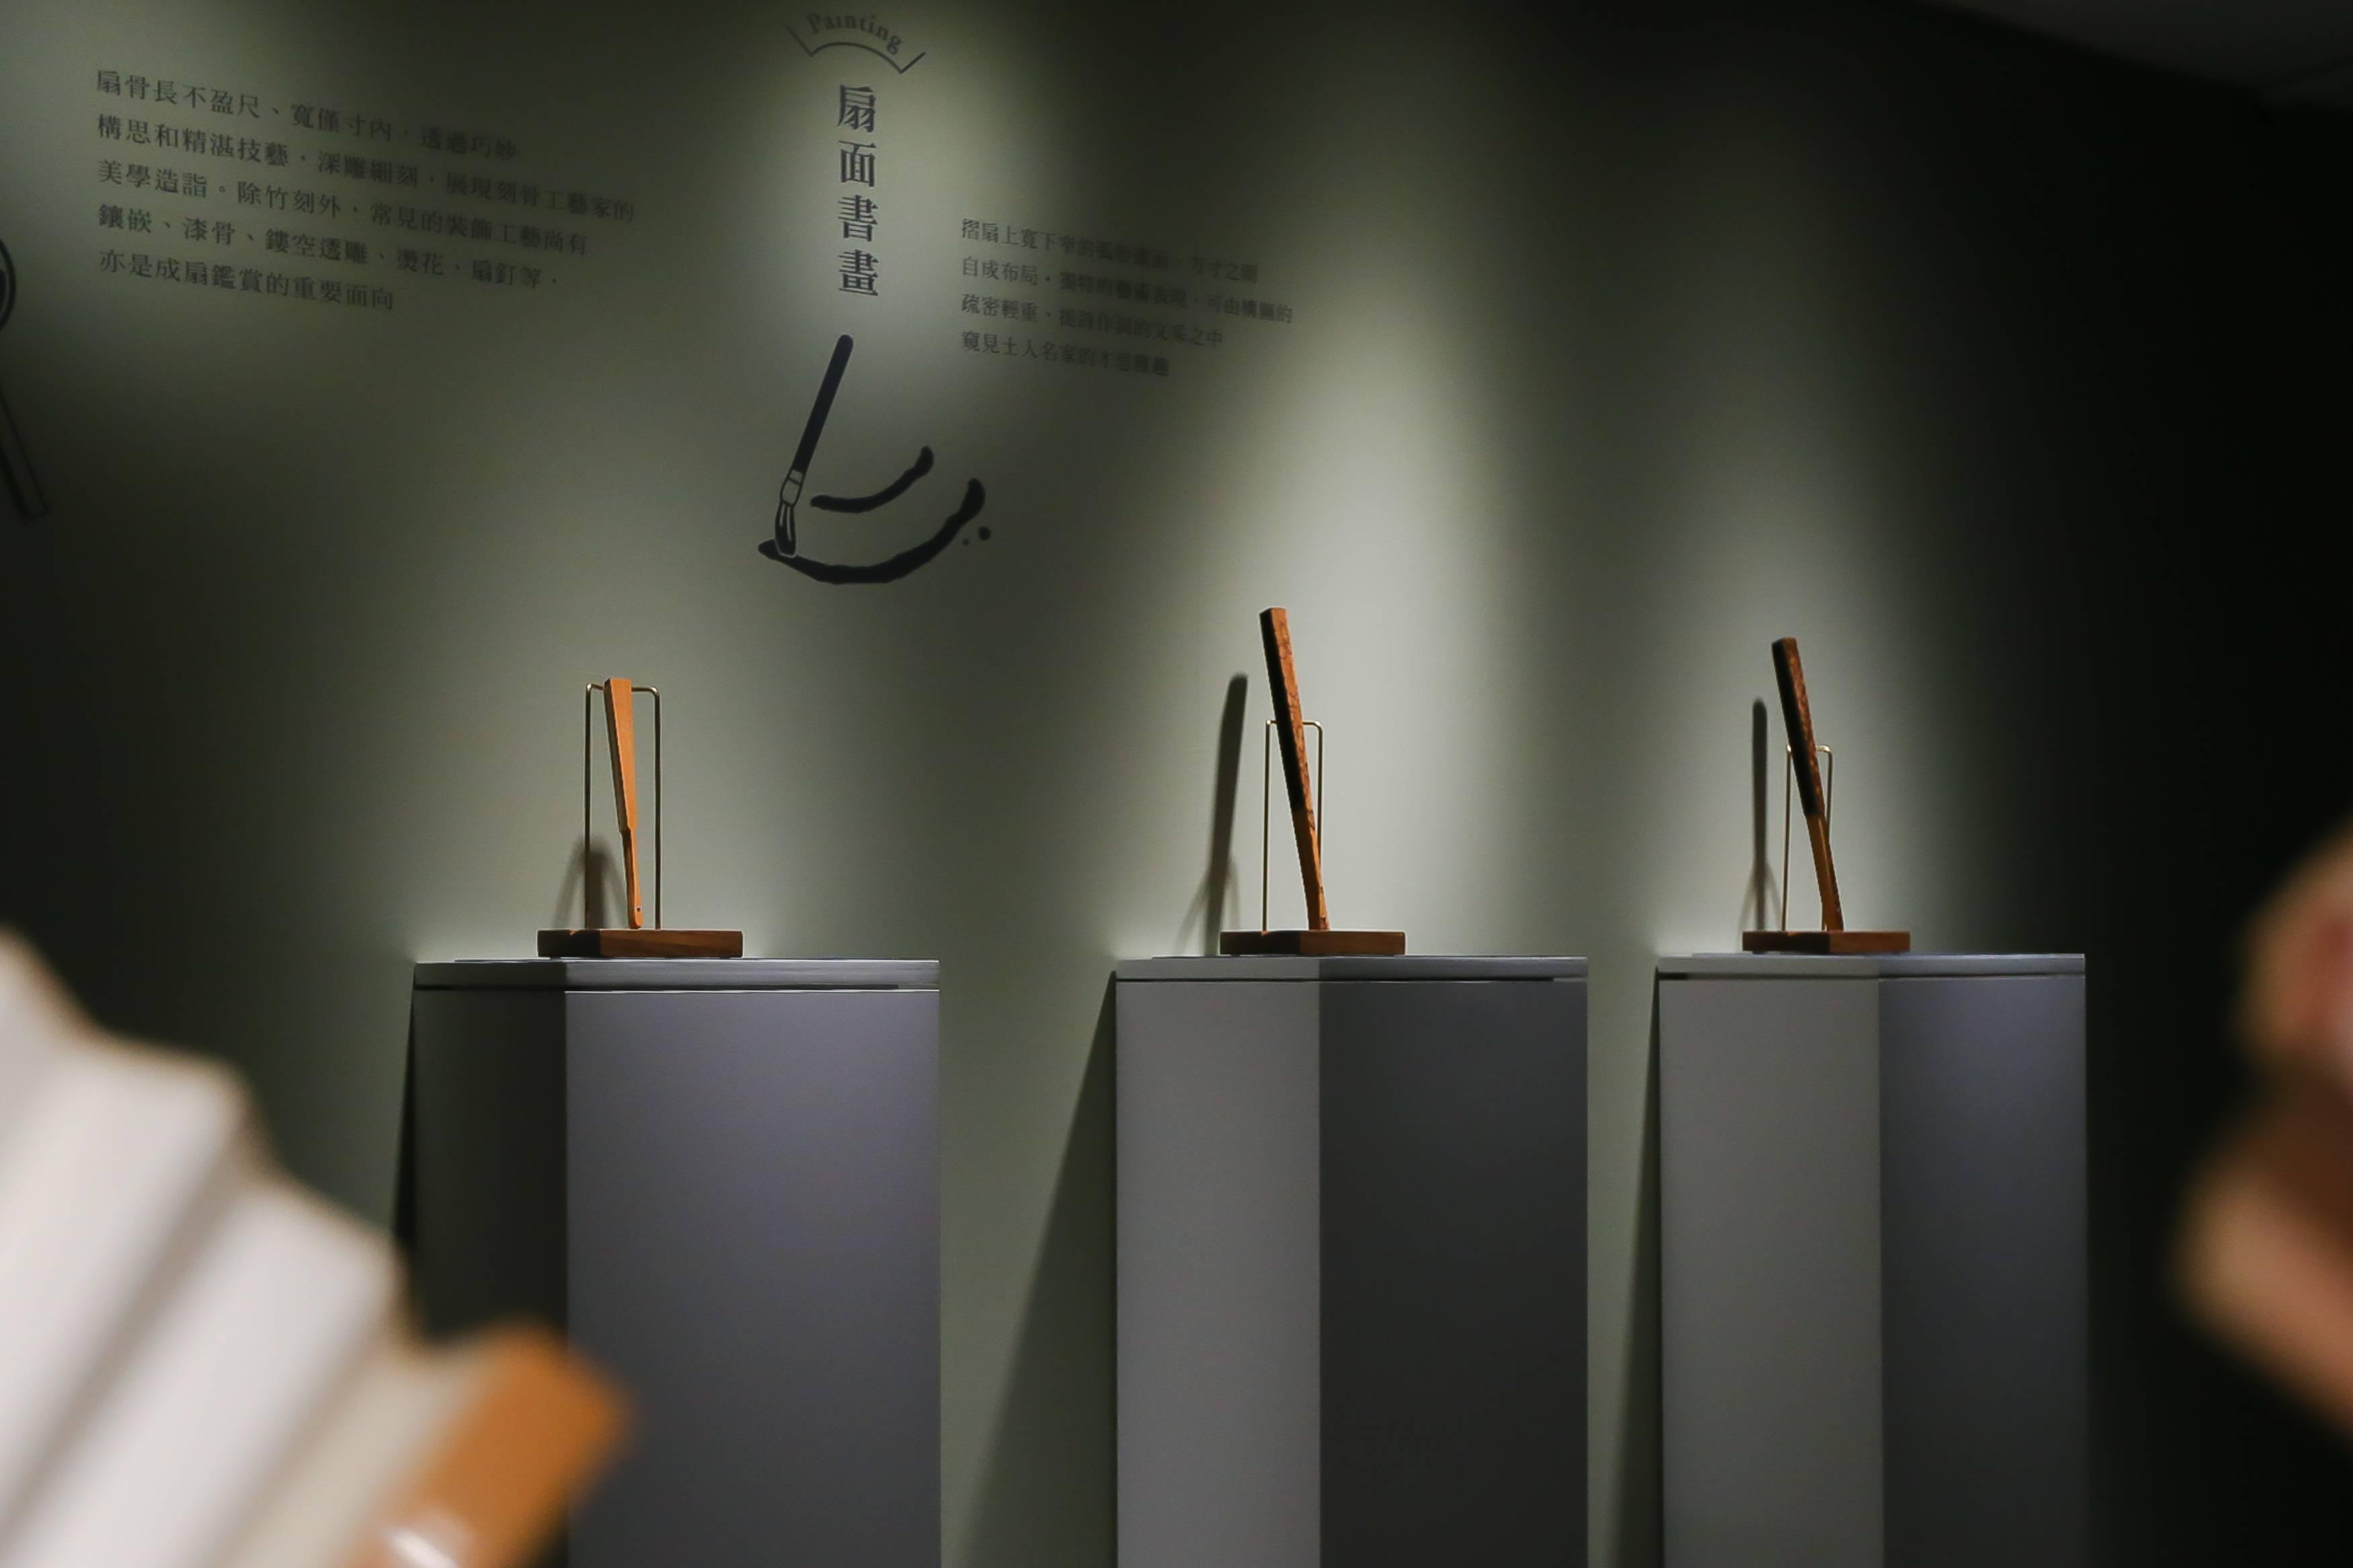 異雲書屋「摺扇藝術展」展覽空間。